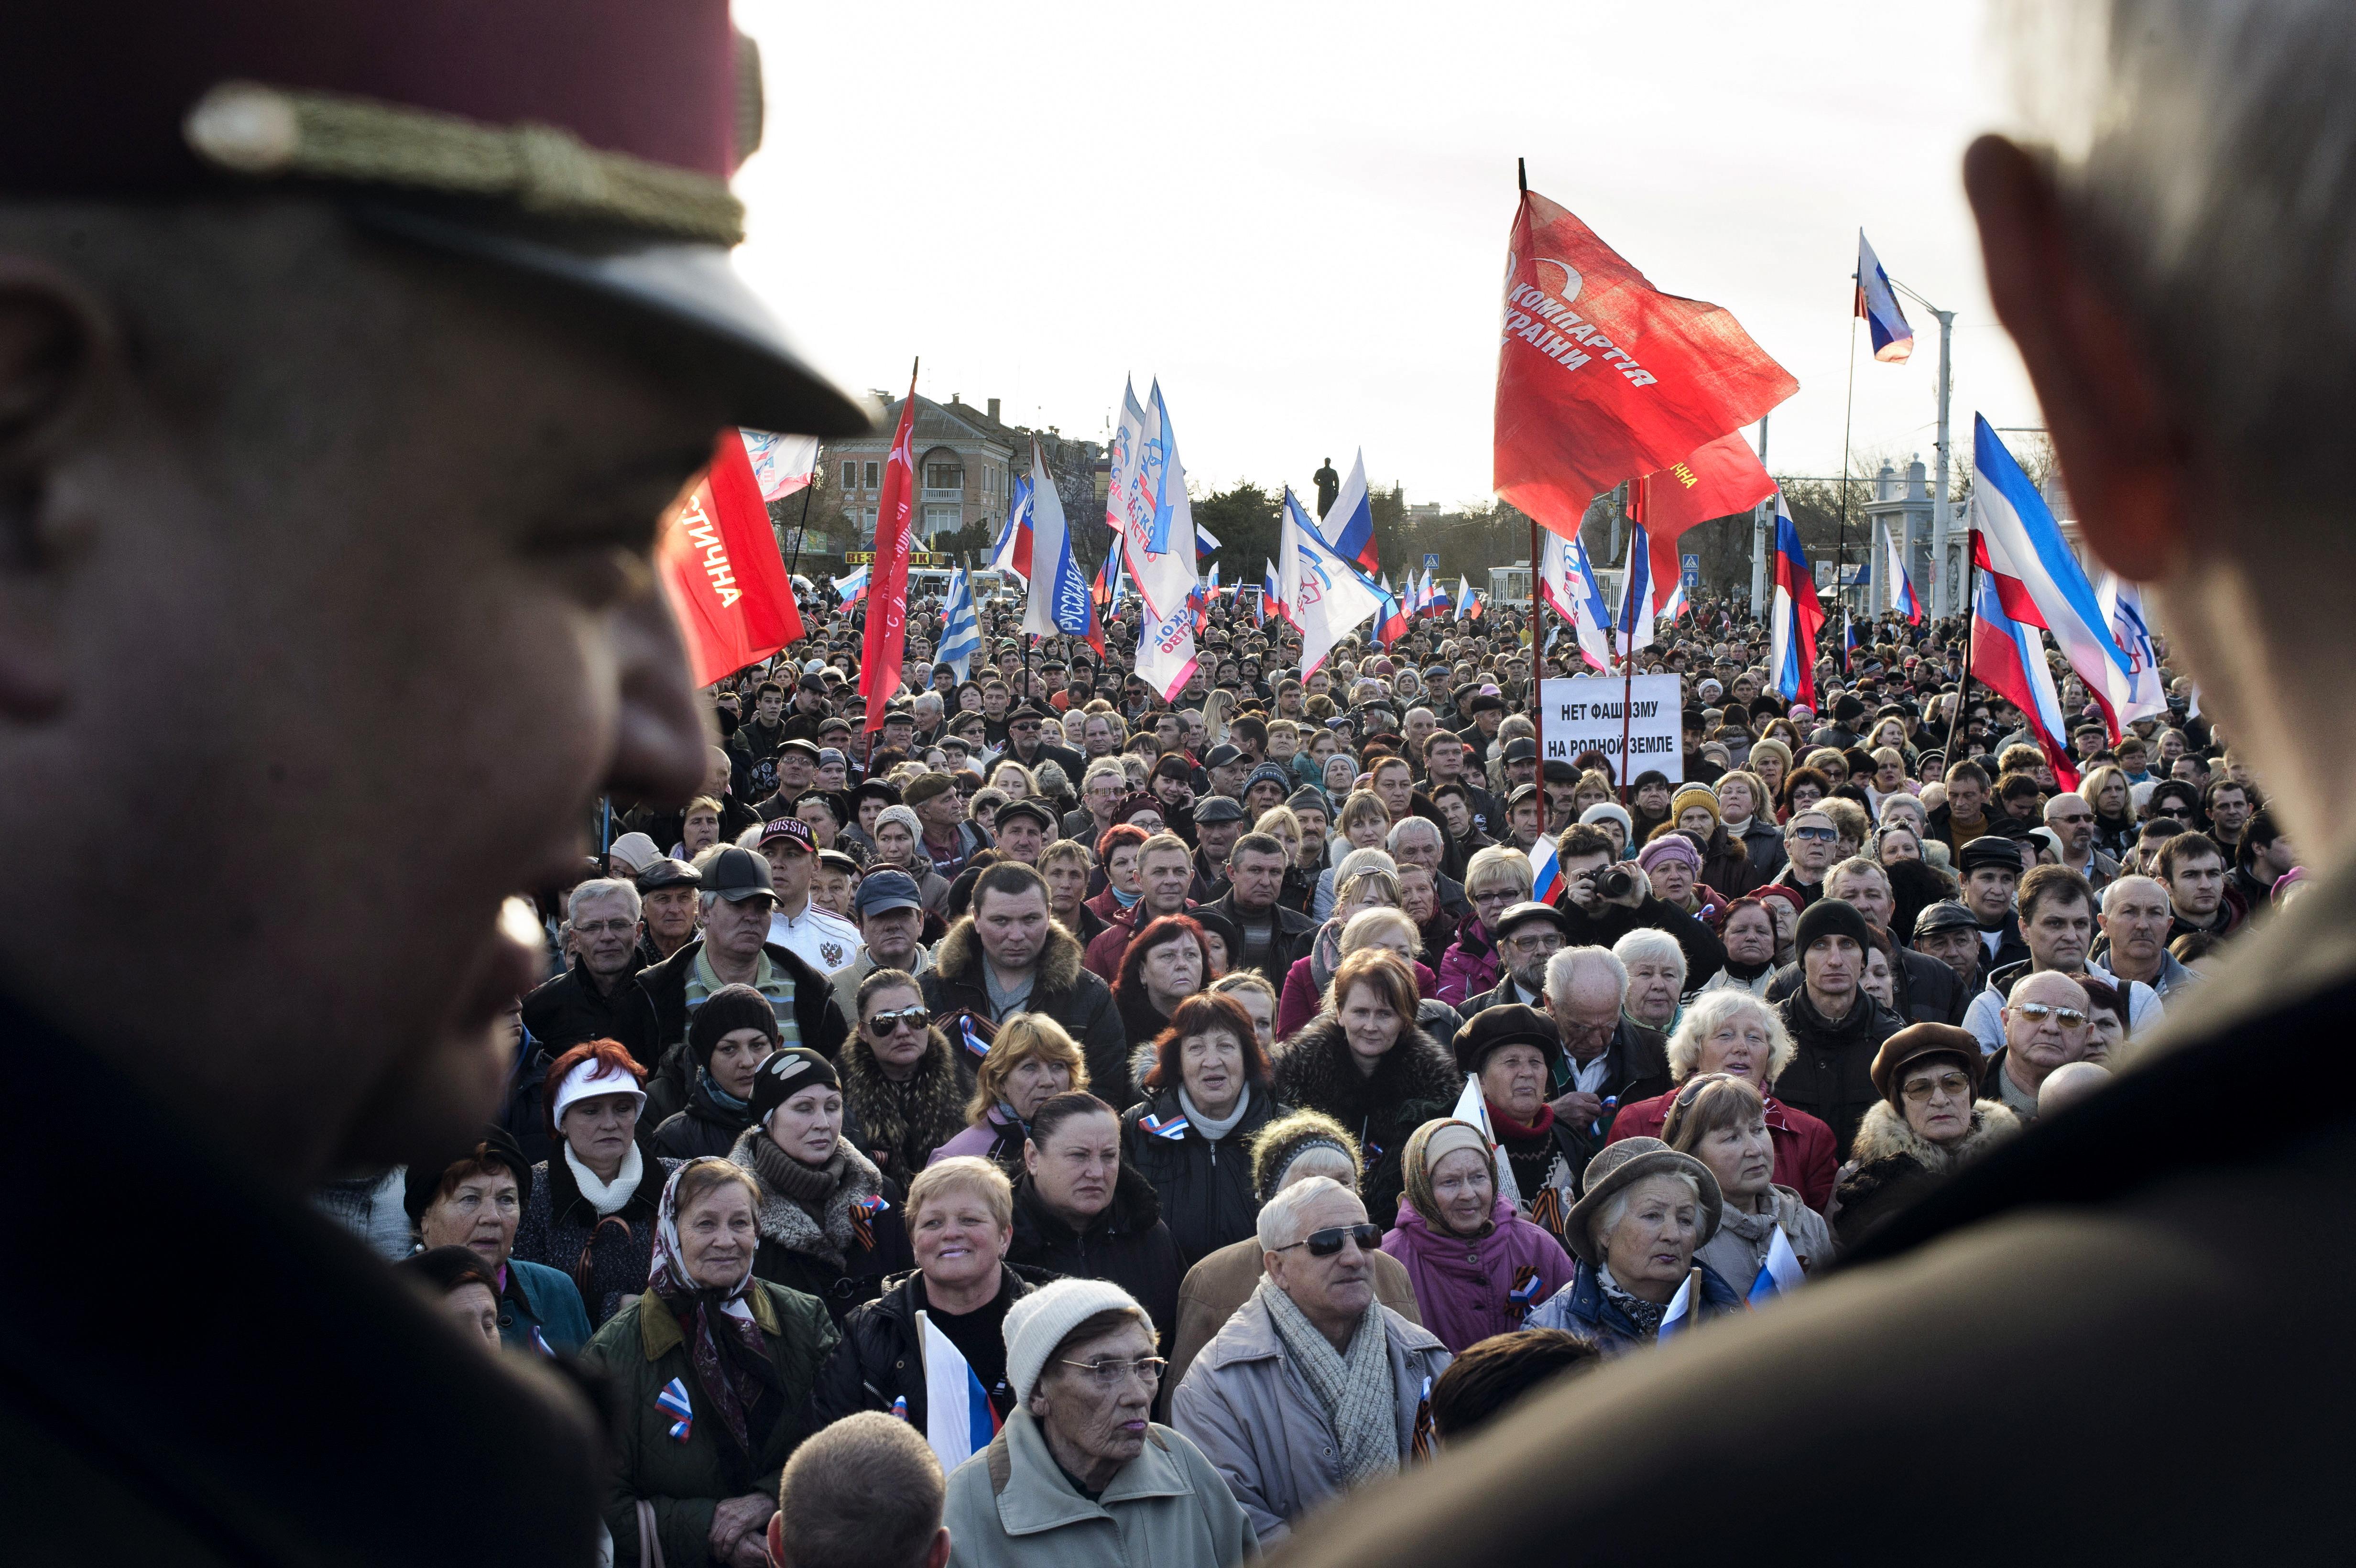 Pro-Russian gathering in Yevpatoria, Ukraine, March 5, 2014.